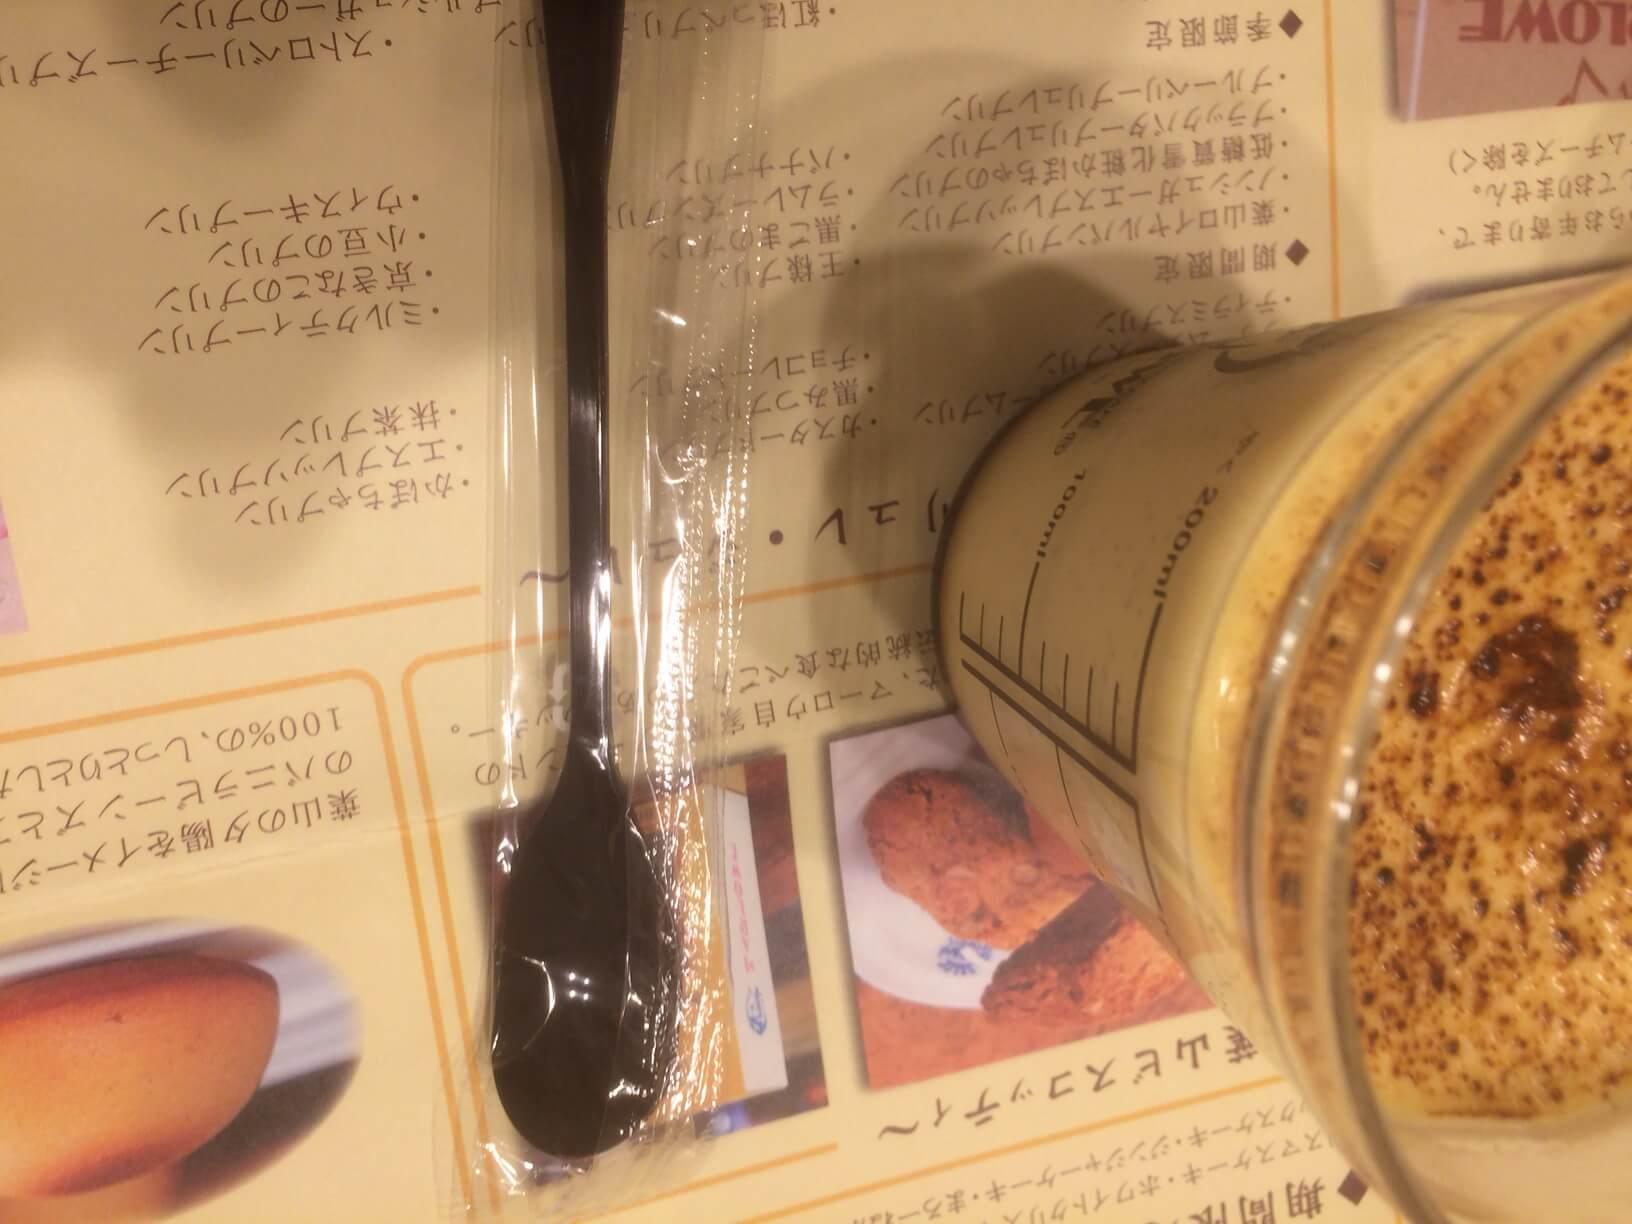 葉山マーロウのスプーン